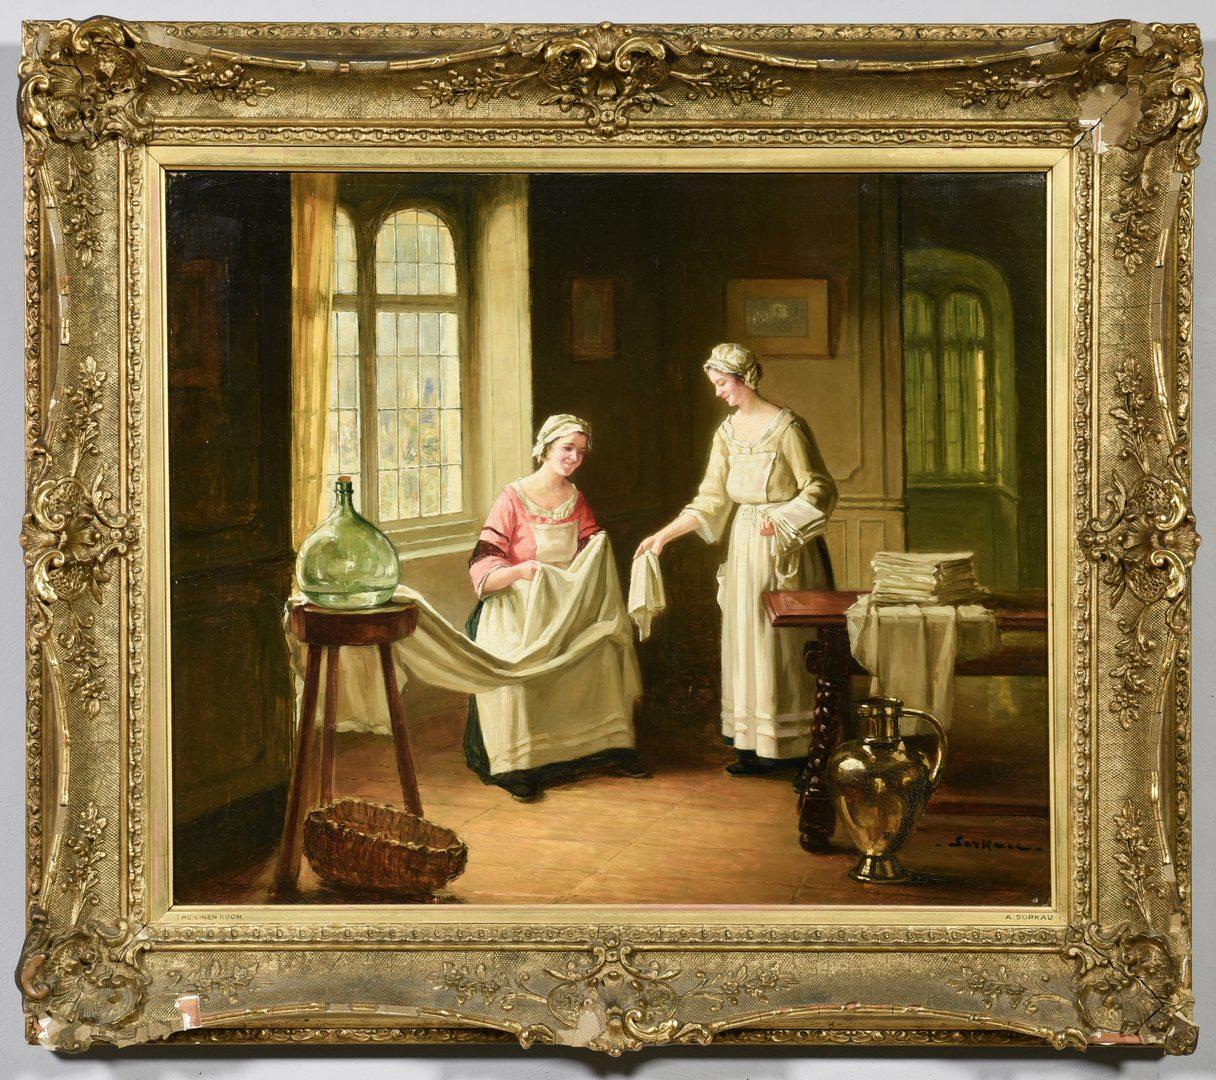 Lot 658: Albert Sorkau Oil on Canvas